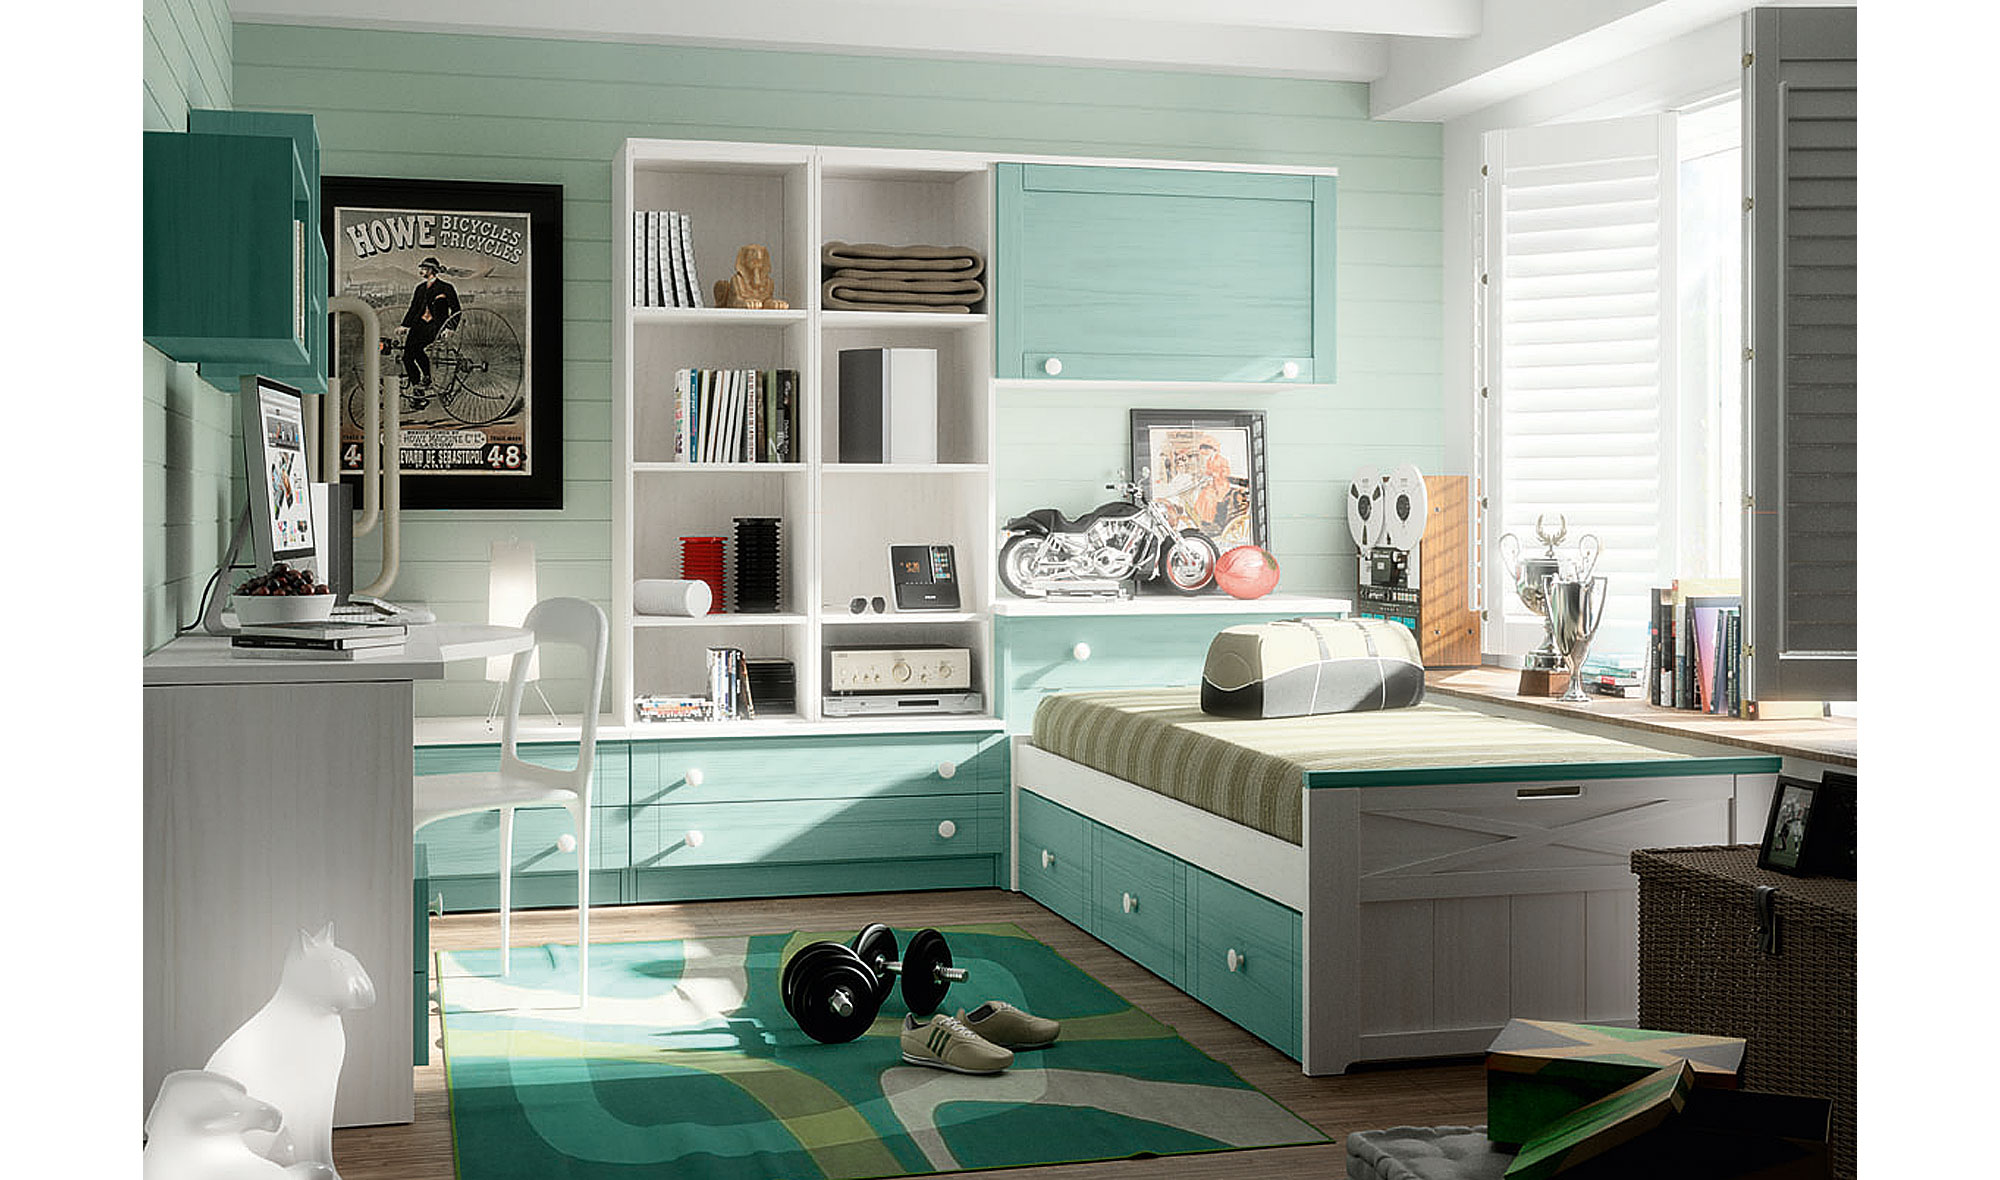 Dormitorio vintage provenzal juvenil apilable en - Cortinas para dormitorio juvenil ...